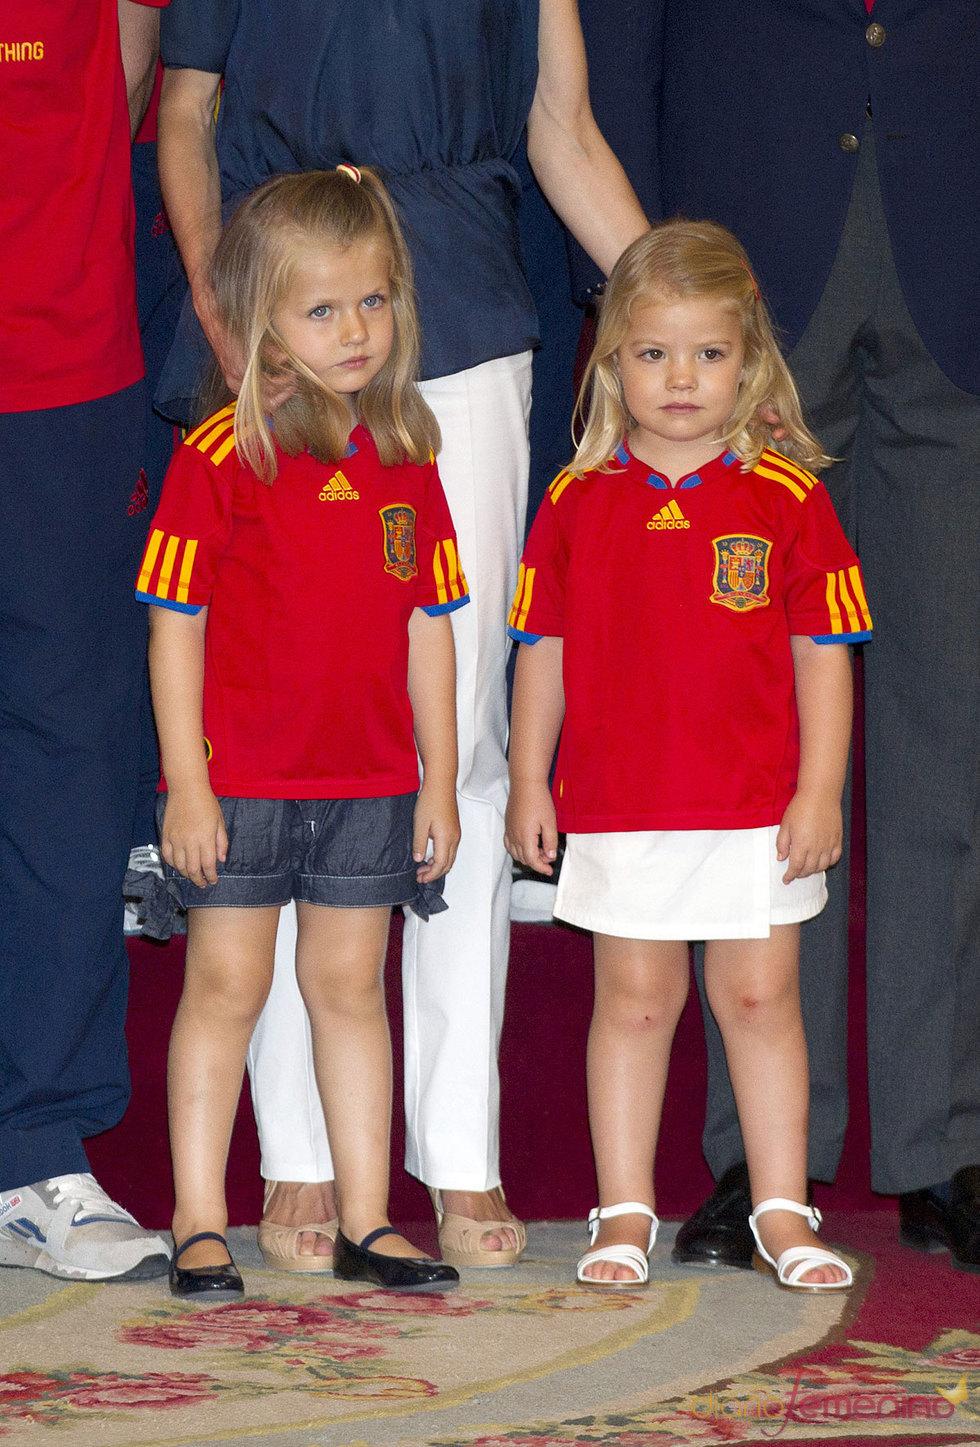 Las infantas Leonor y Sofía vestidas con la camiseta roja de España